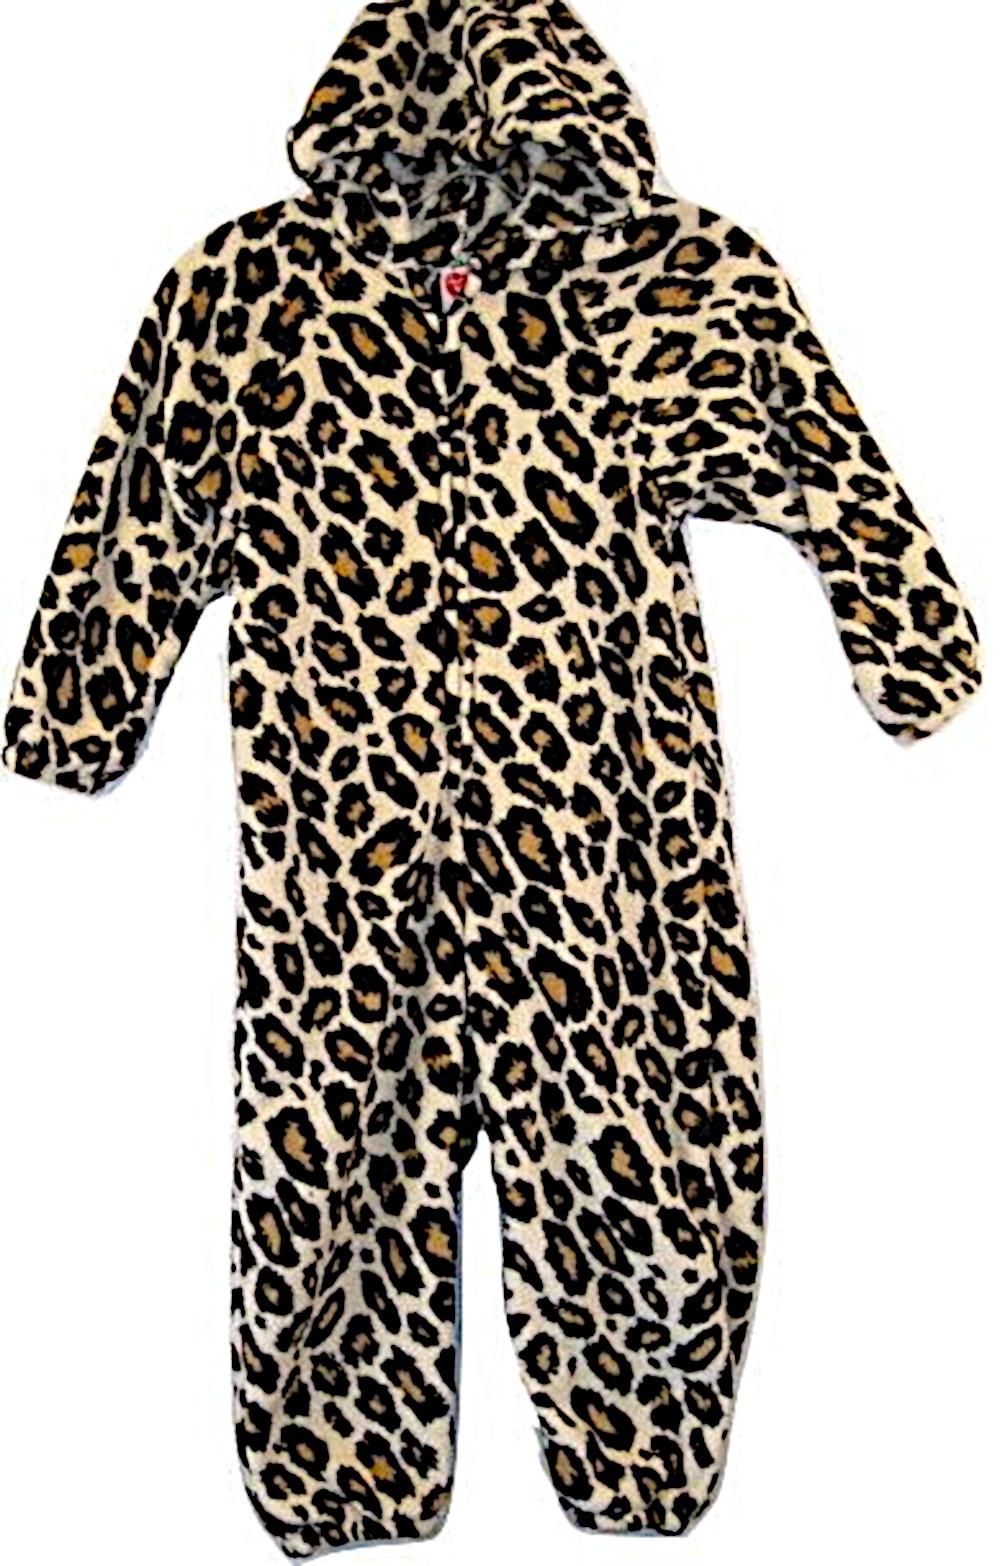 Made with Love and Kisses Kids Fuzzy Plush Pajama//Loungewear Sleep Hoodie